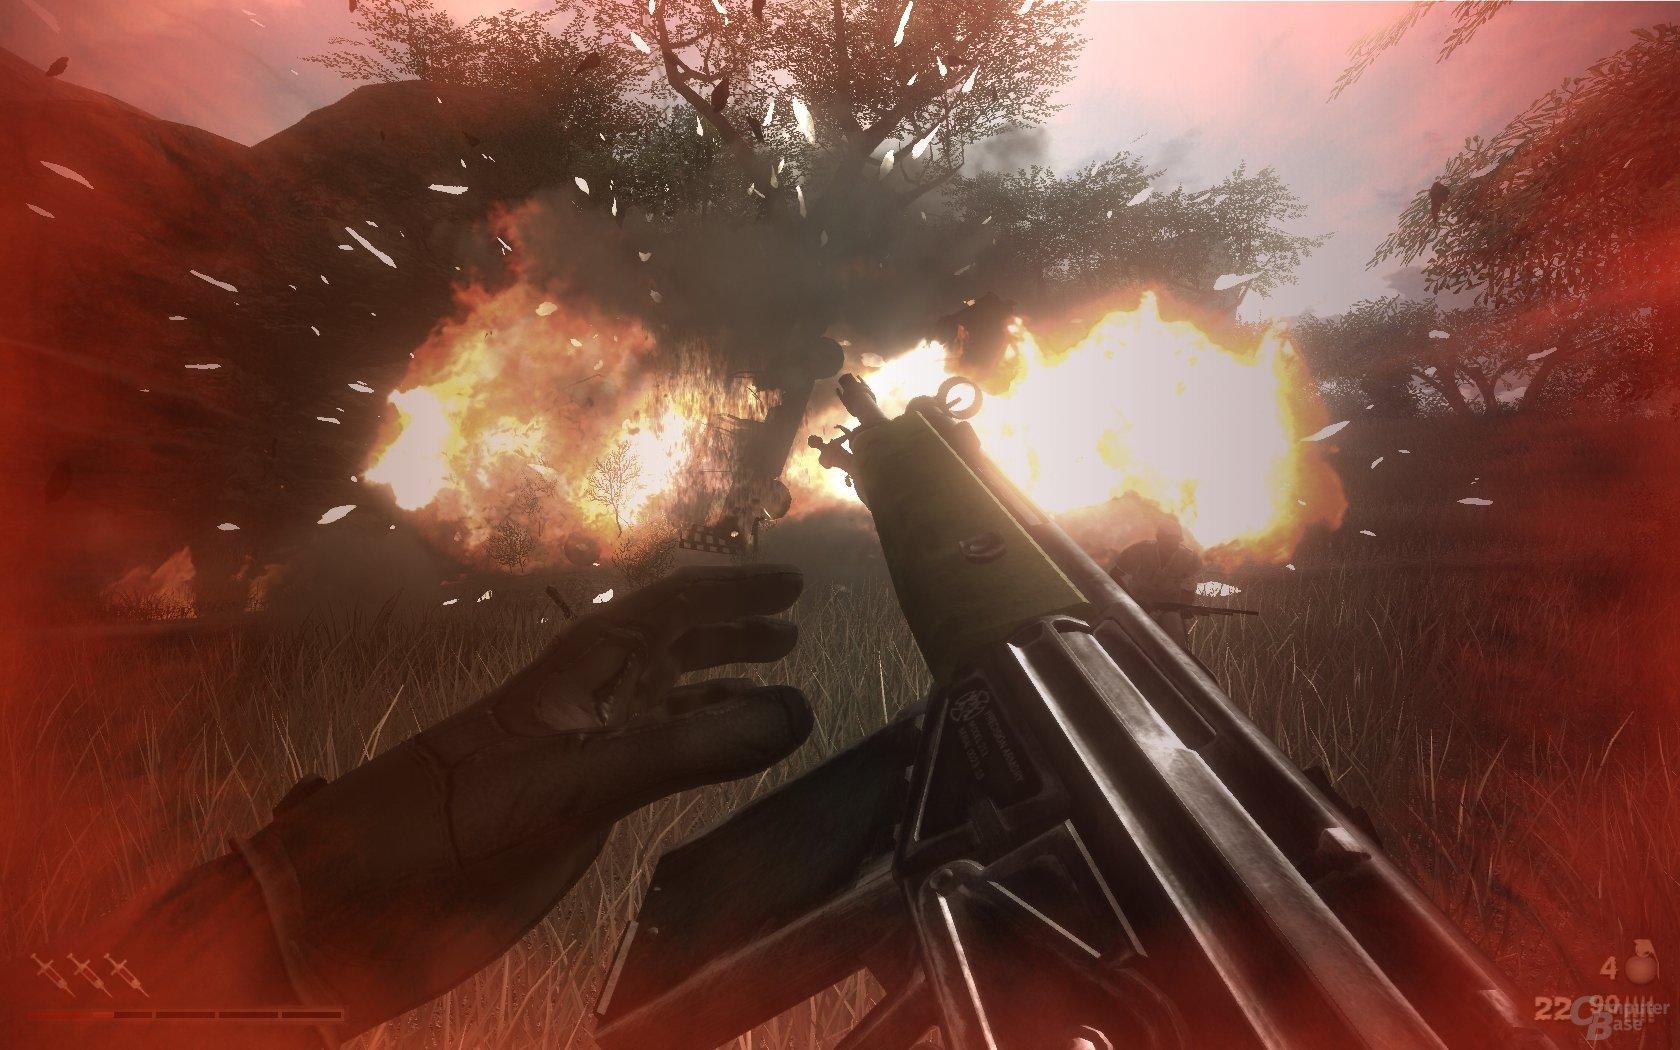 Far Cry 2 - Explosion